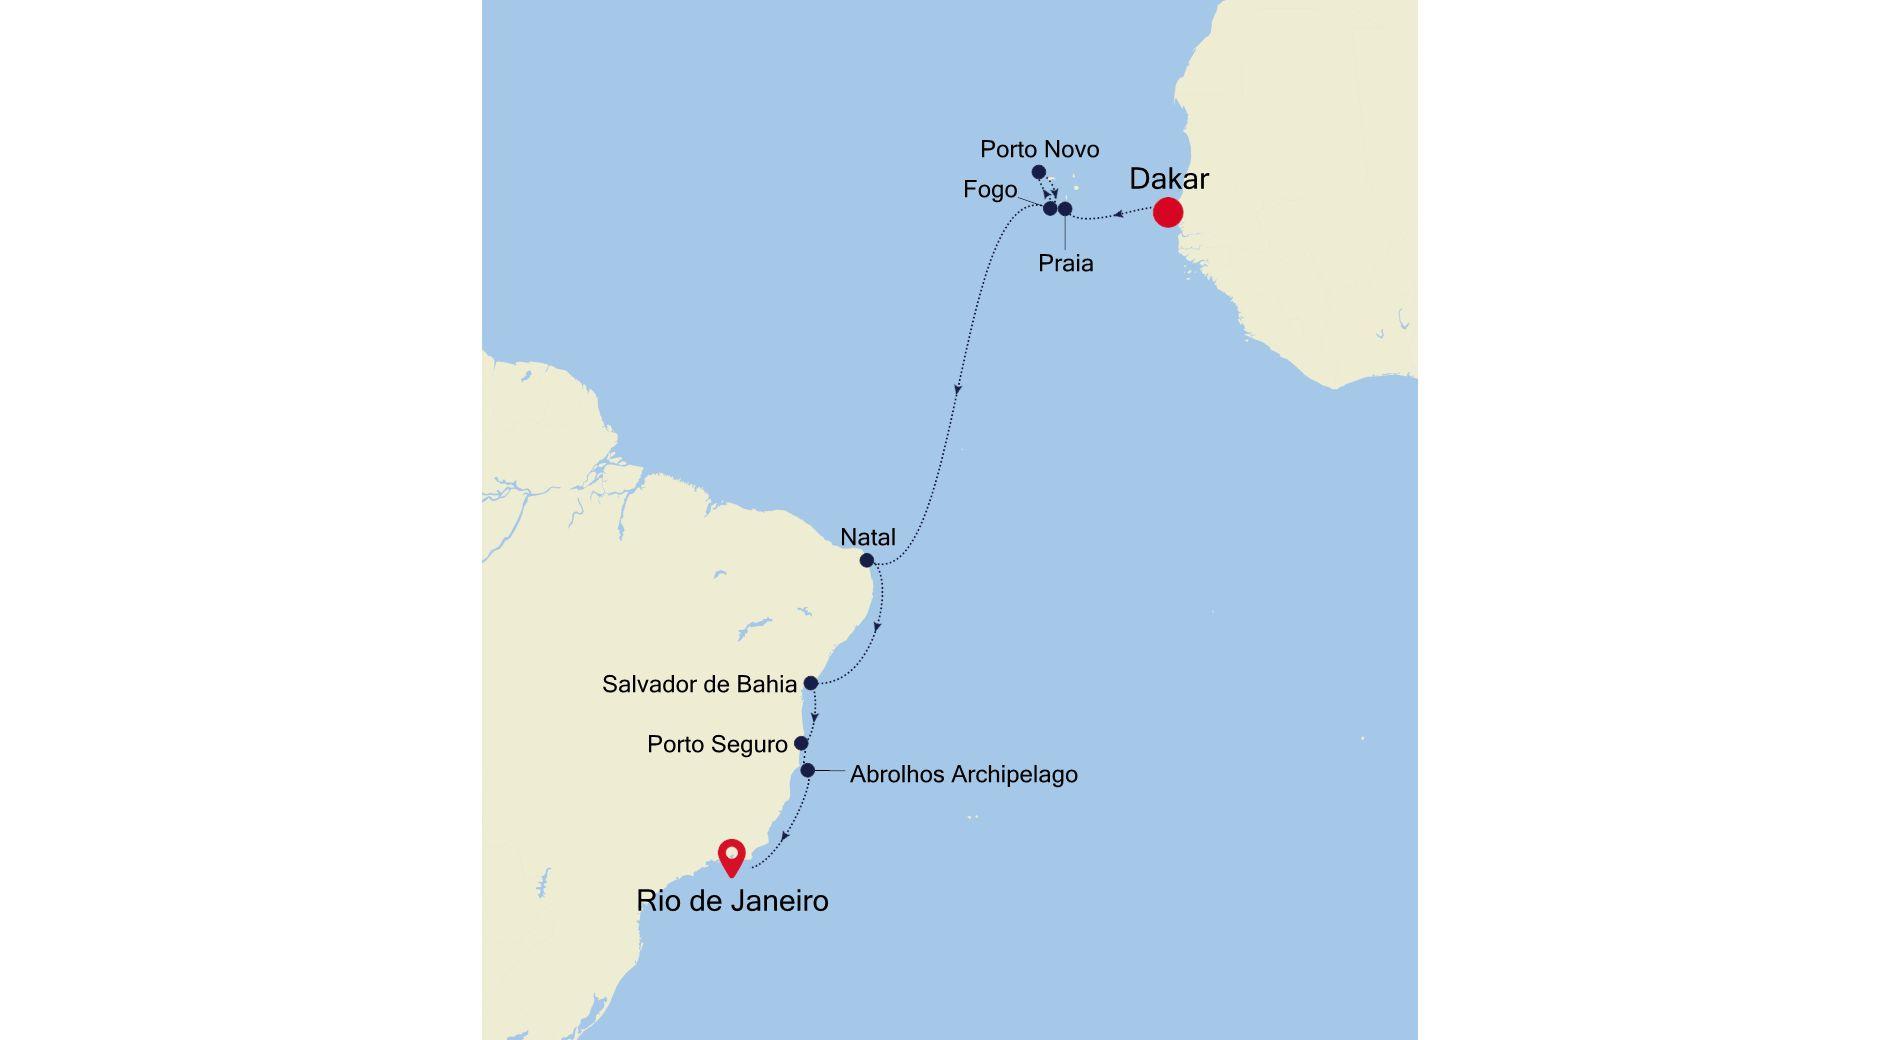 WI211029S15 - Dakar to Rio de Janeiro